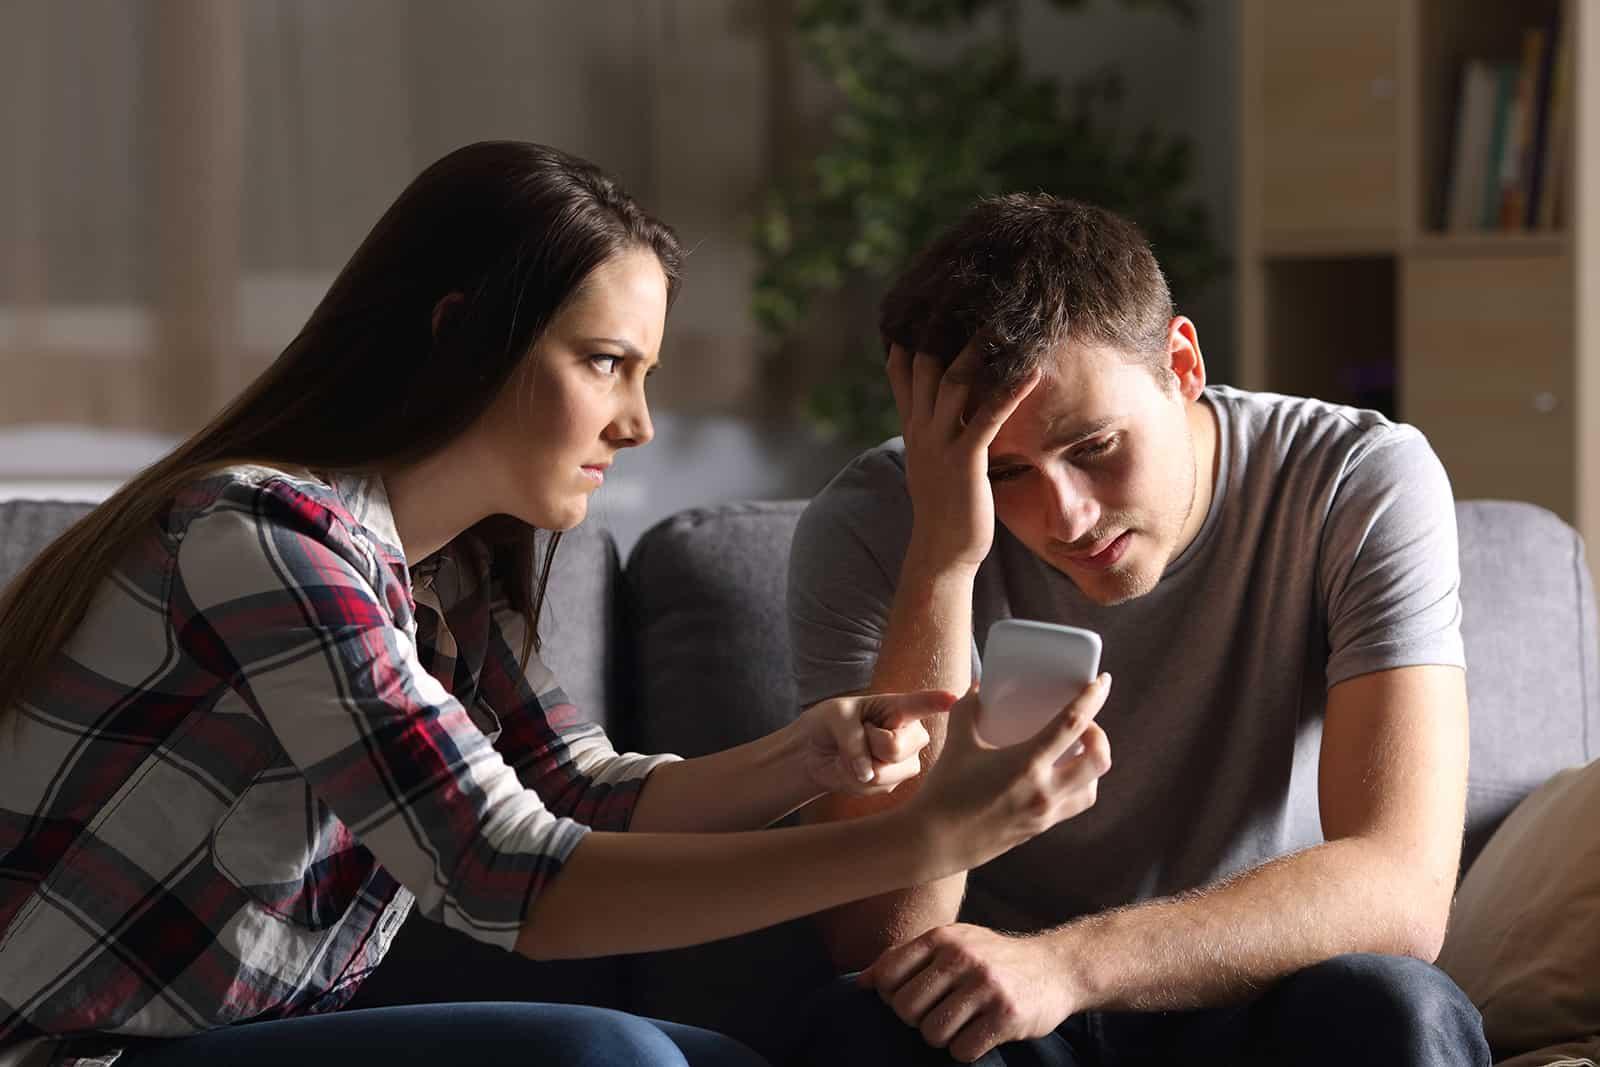 Eine eifersüchtige Frau zeigt ihrem verzweifelten Freund ein Smartphone und bittet um eine Erklärung